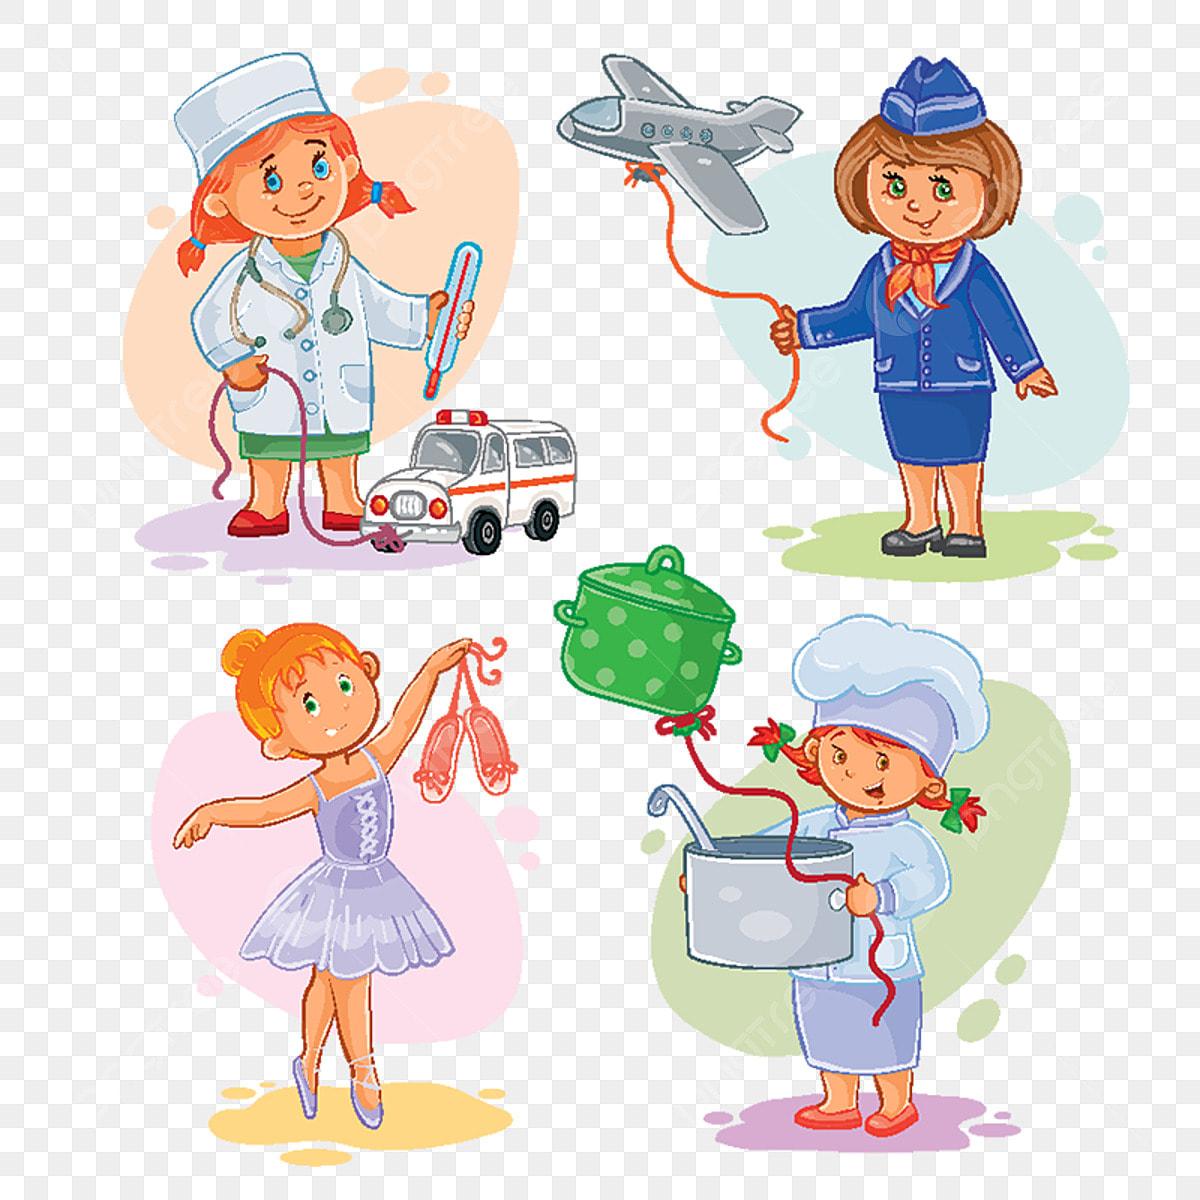 Открытки, профессии картинки для детей с надписями профессий